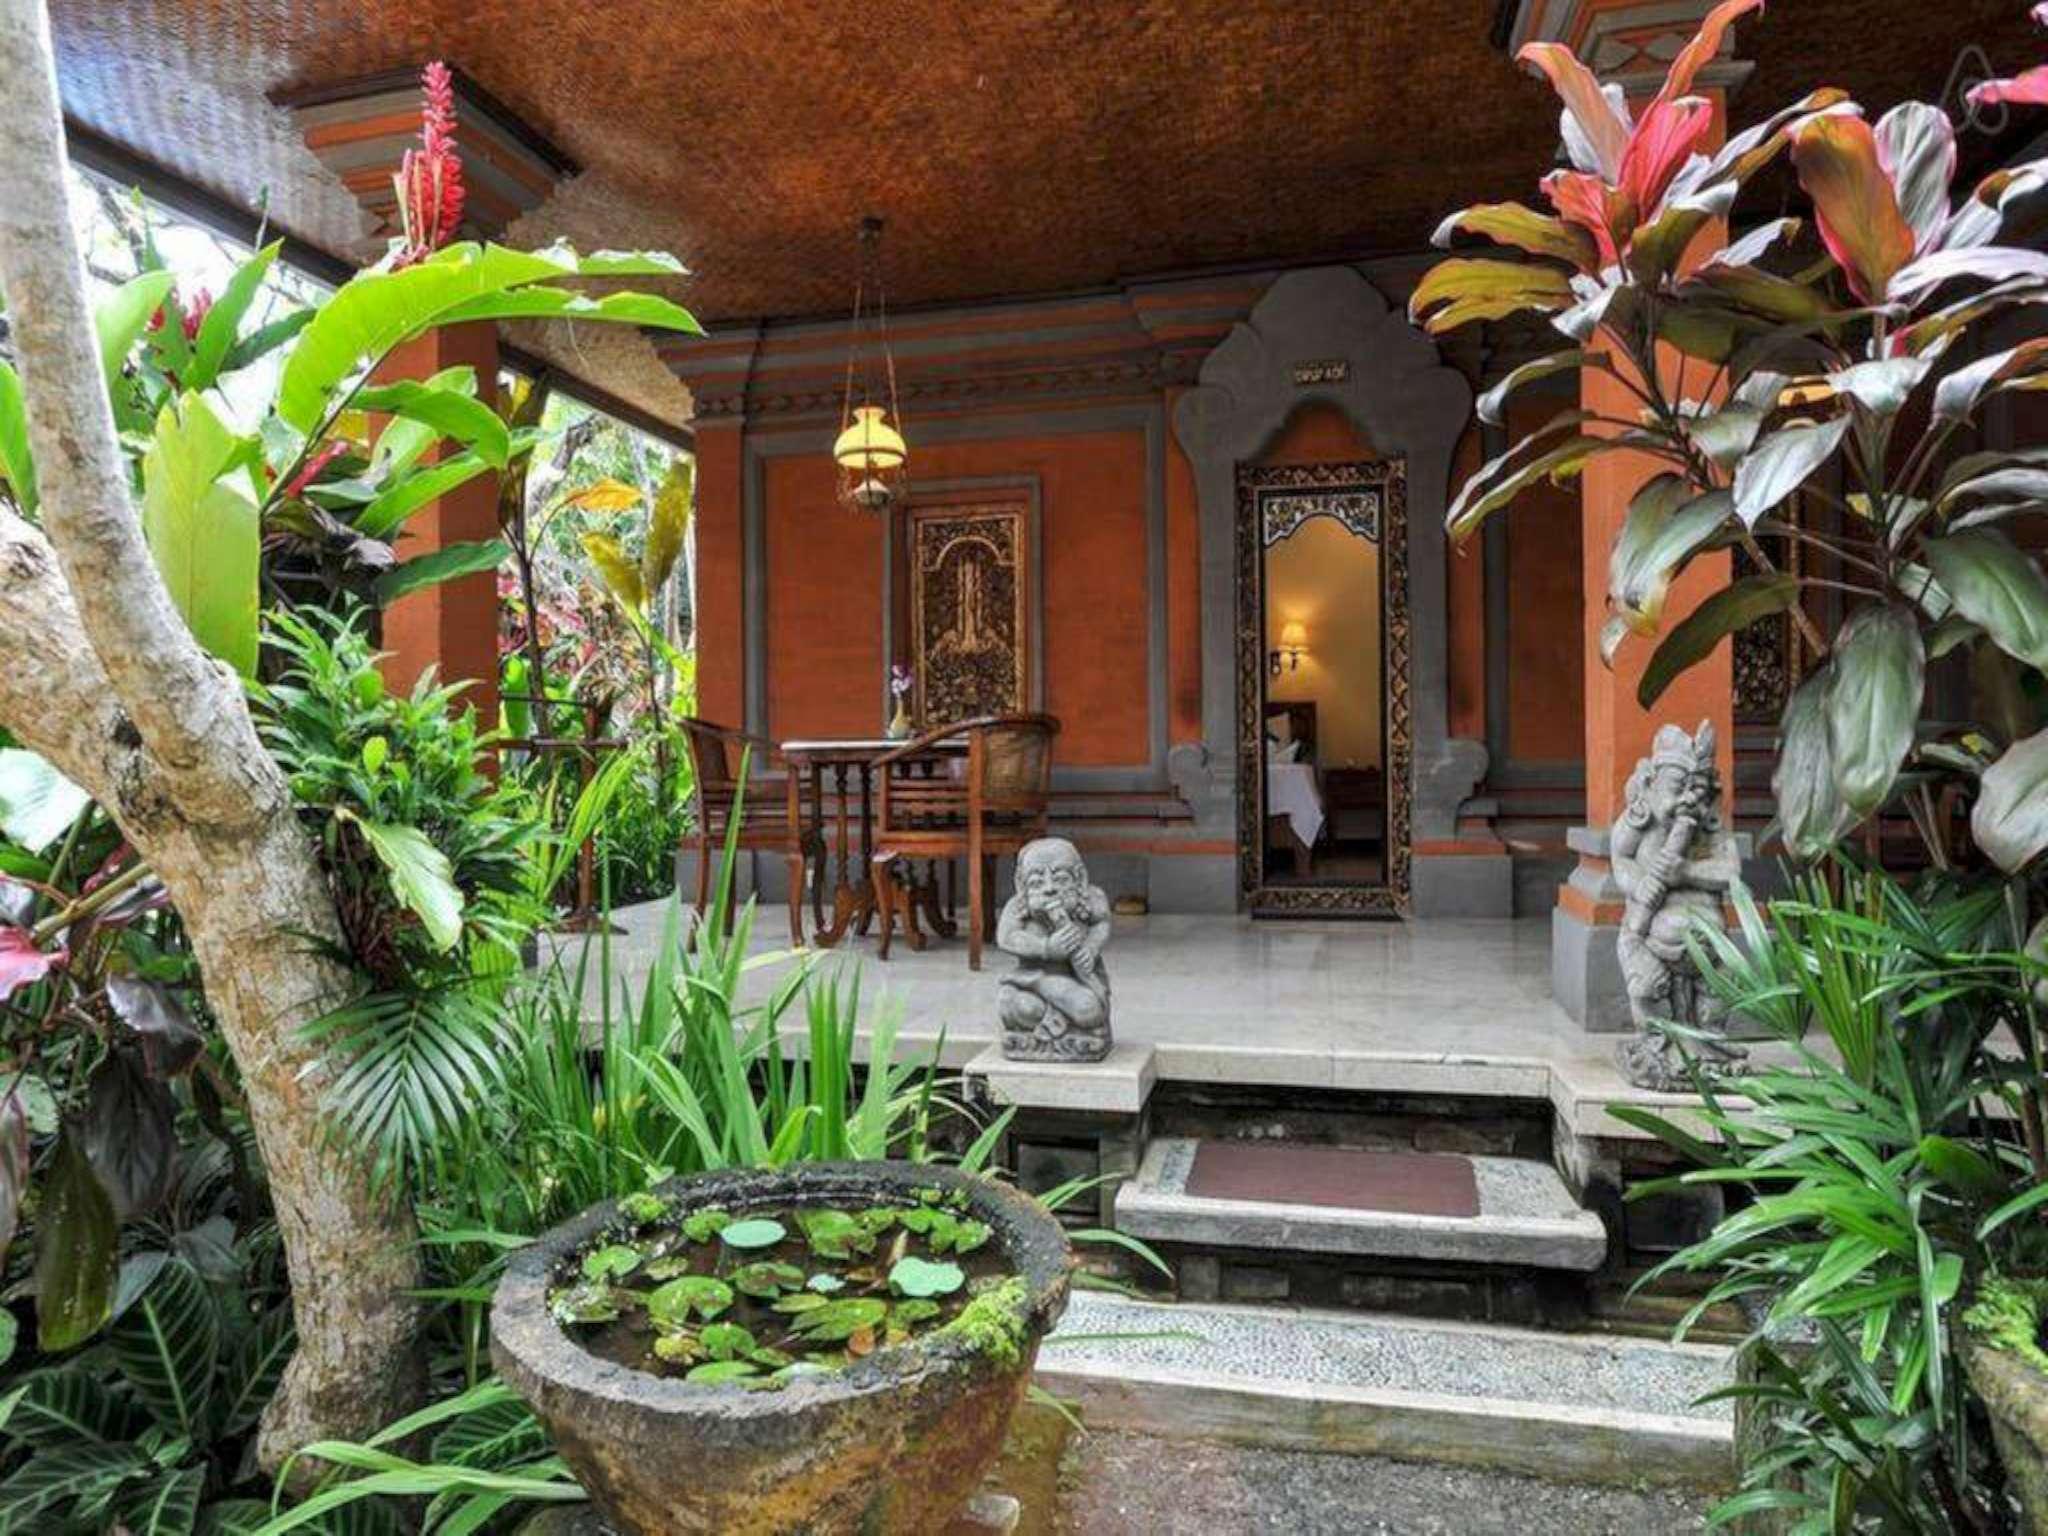 #1 Bungalows at Ubud Royal Palace